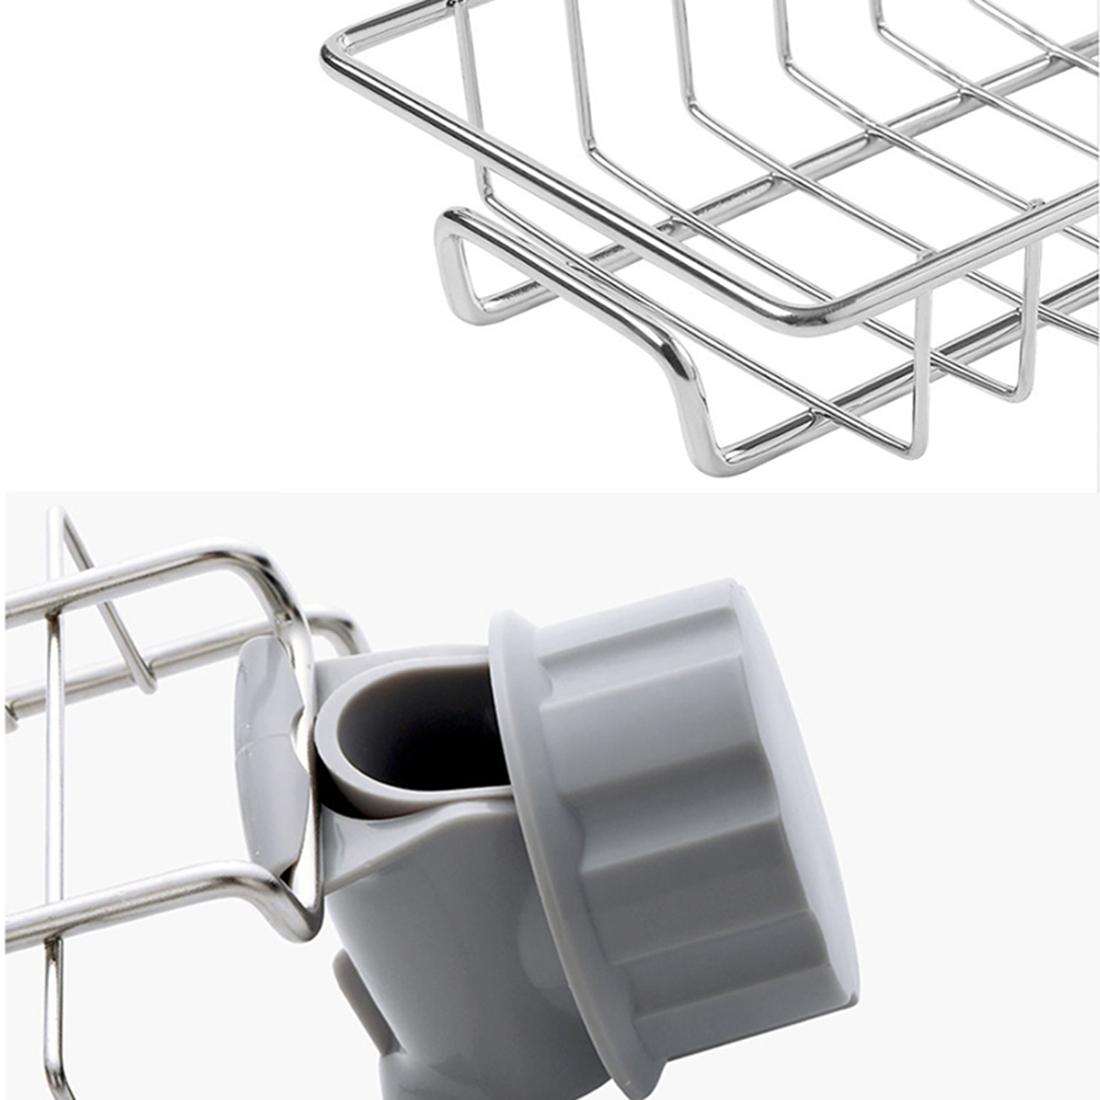 Giá để giẻ rửa bát, nước rửa chén đa năng chất liệu Inox 304 sáng bóng không han gỉ, kích thước 17x10.2x6.5cm - Tặng kèm 4 khăn lau chén bát, lau nhà bếp siêu thấm hai mặt loại xịn